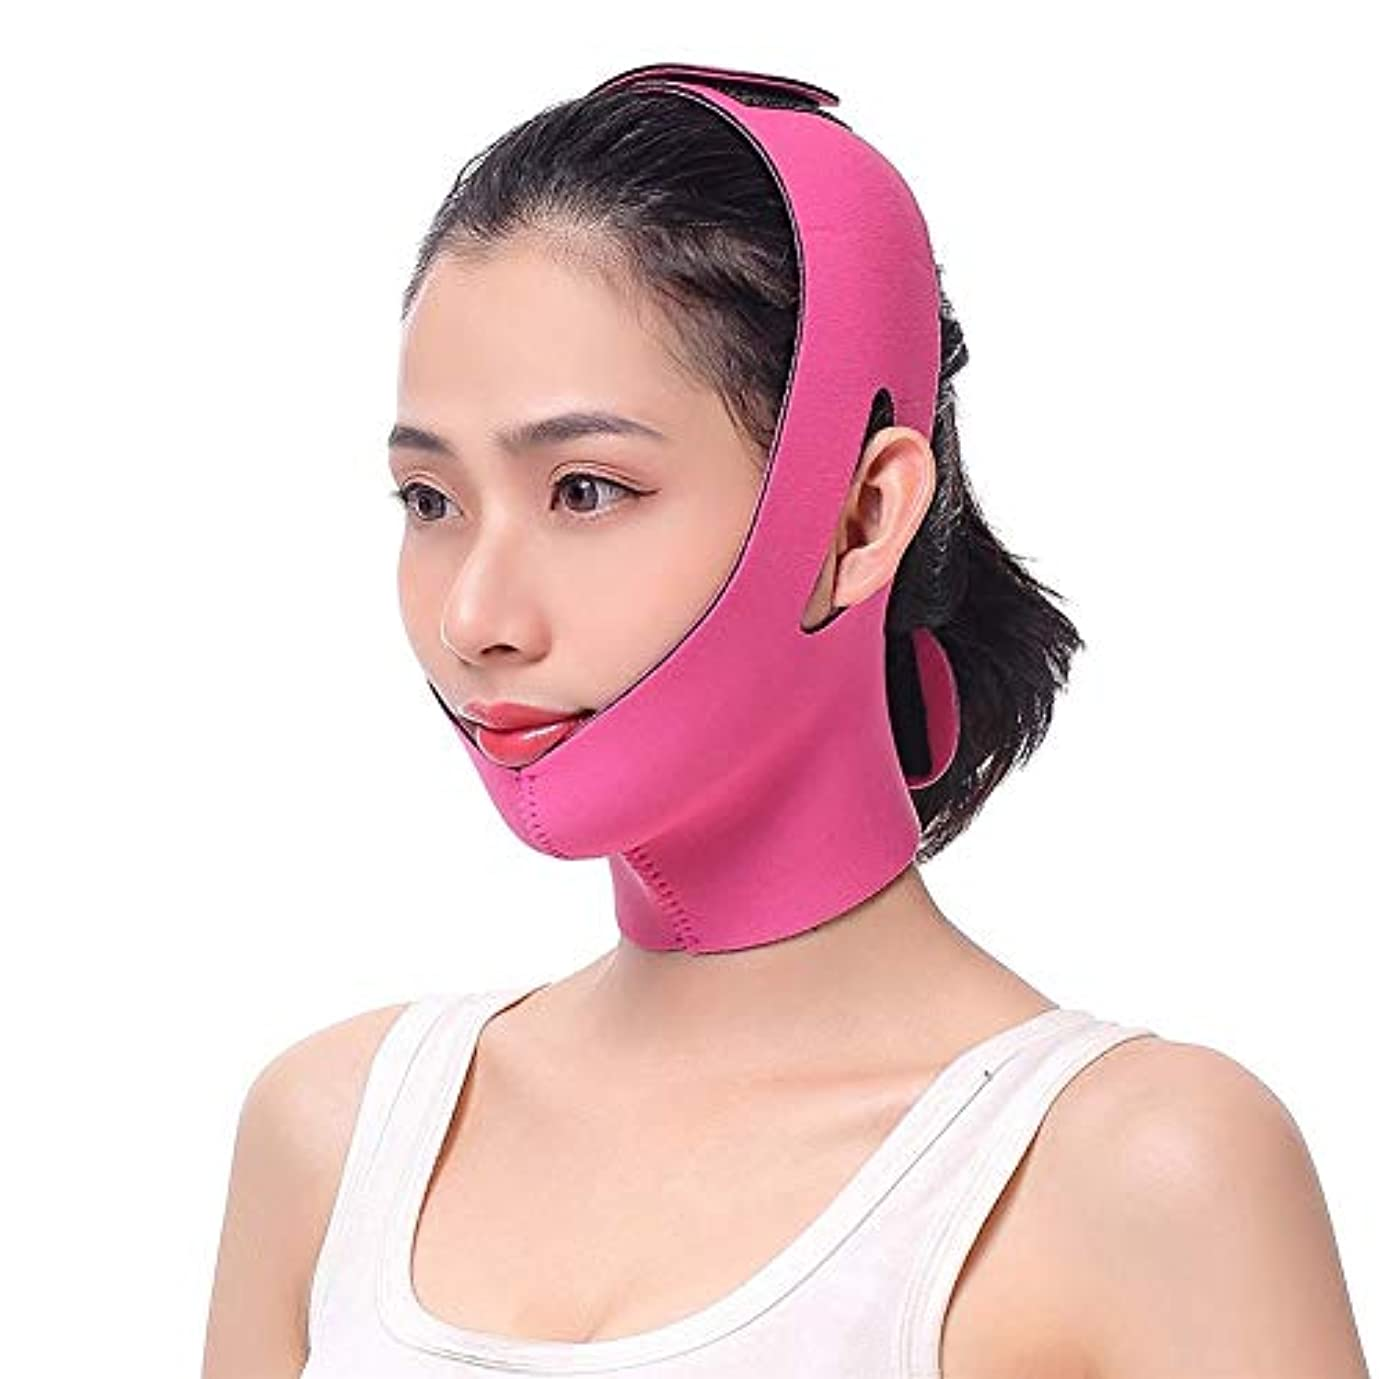 パッケージ意志窒息させる薄い顔ベルト、スリープ包帯Vフェイスは、2色を防ぐフェイシャル?ルーピングダブルチンリデューサー通気性軽量マスクマスク (Color : A)